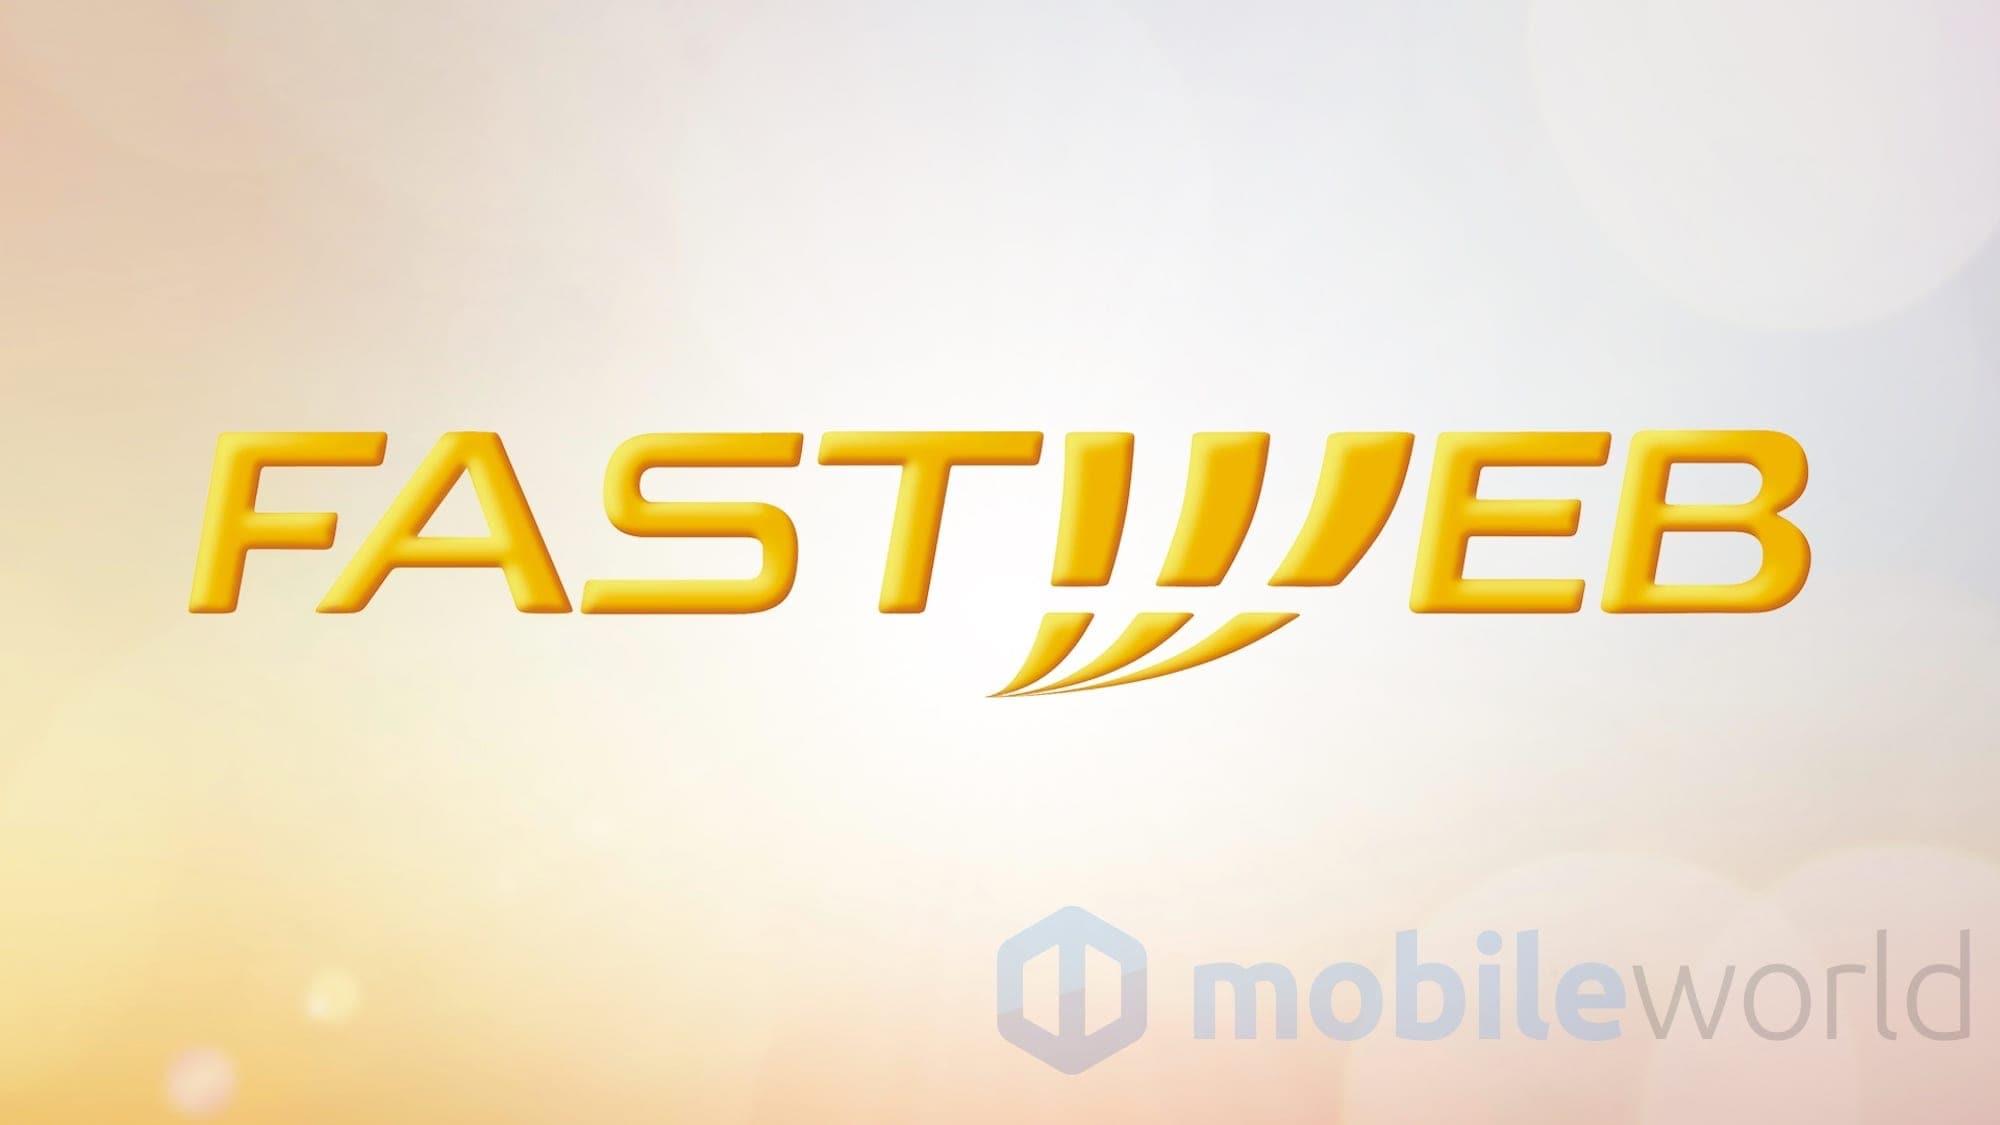 Fastweb continua la proposta dell'offerta NeXXt Casaa prezzo promozionale di 29,95€ al mese